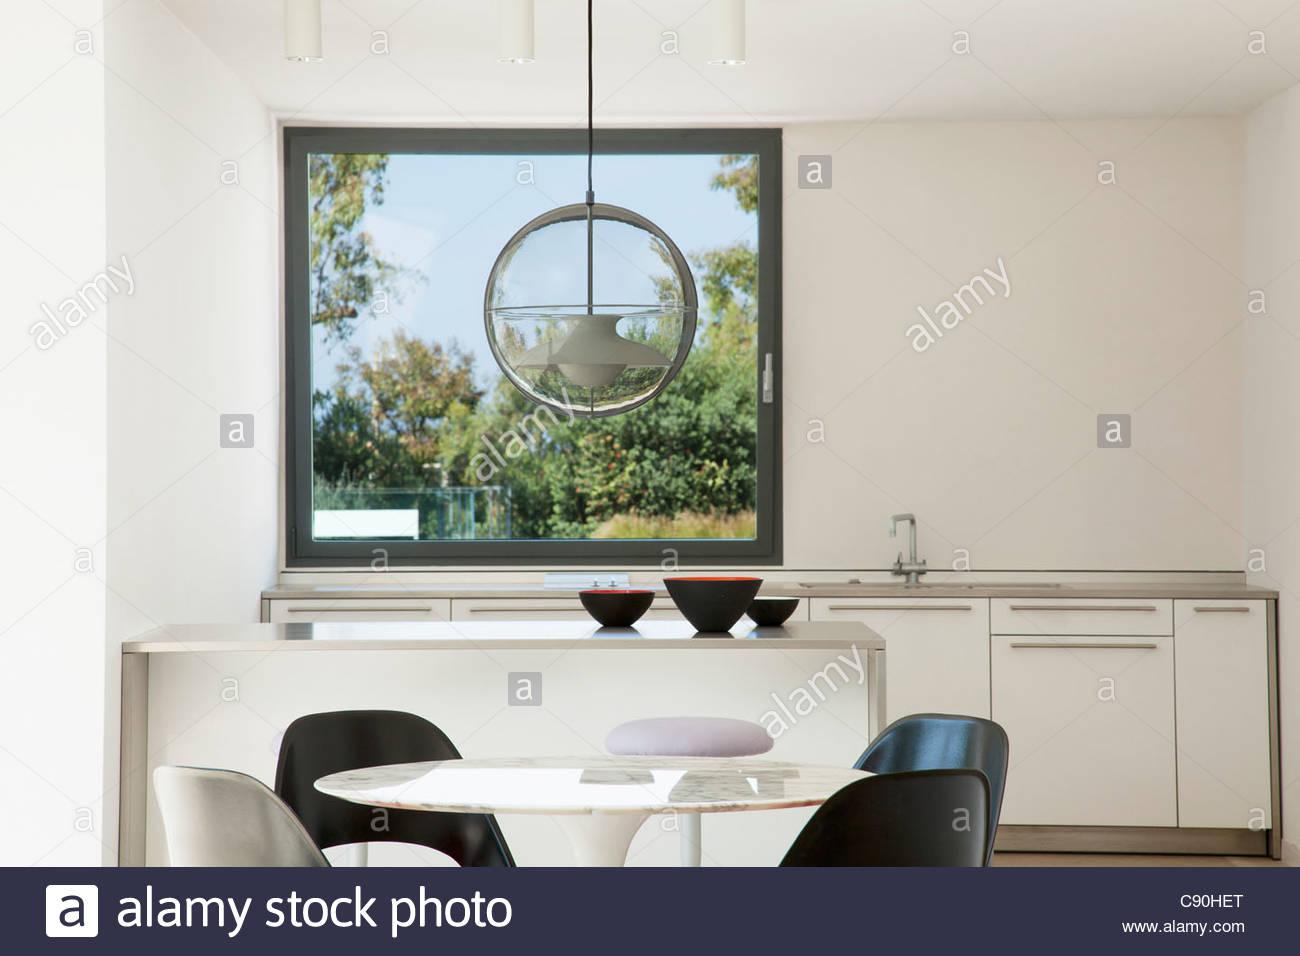 Fantastisch Tisch Und Stühle Im Modernen Küche